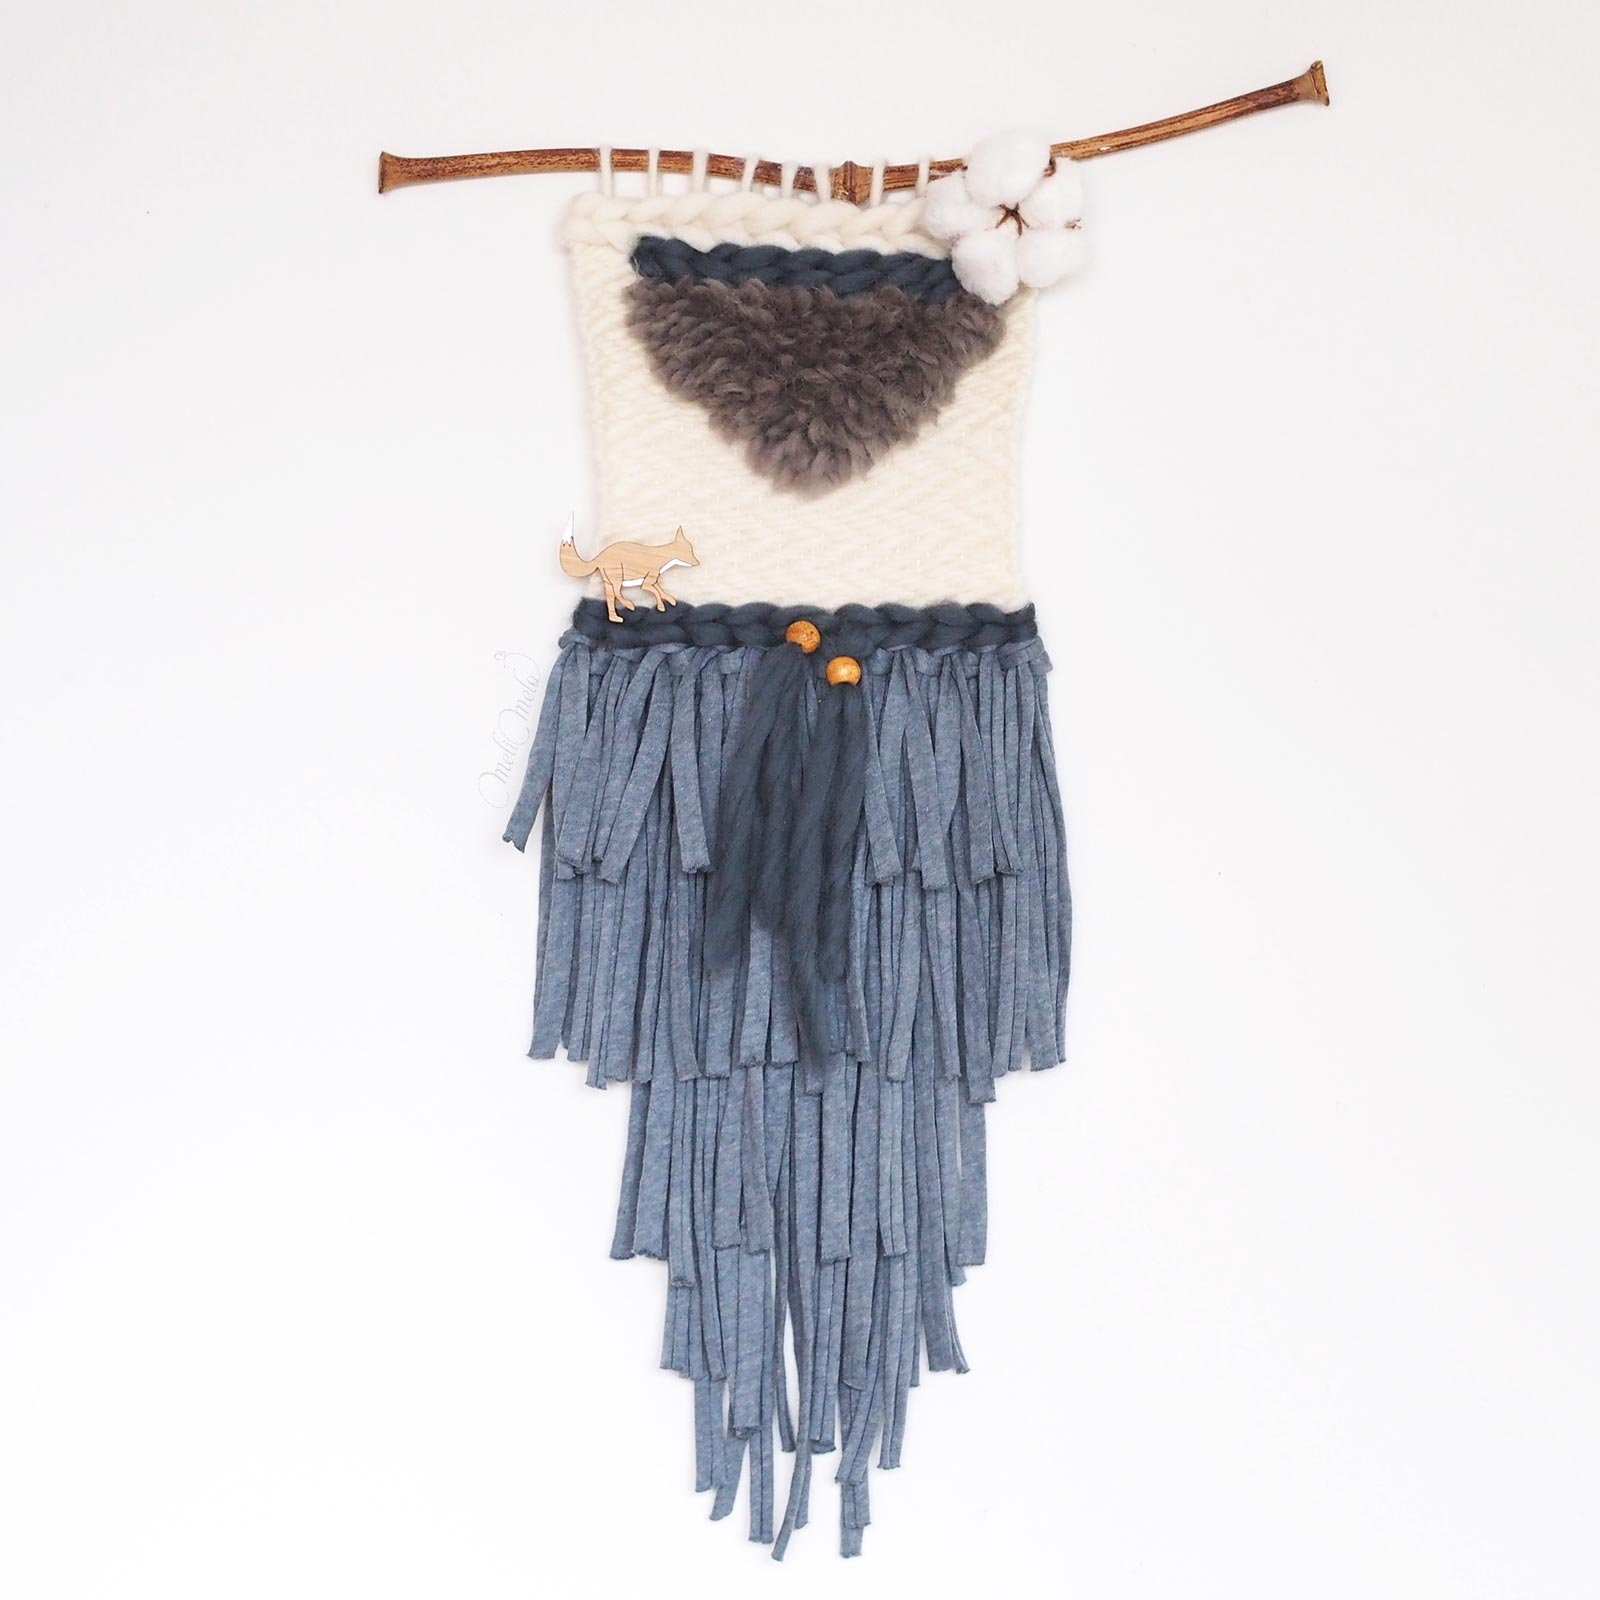 Tissage laine fleur de coton d coration murale la for Decoration murale laine